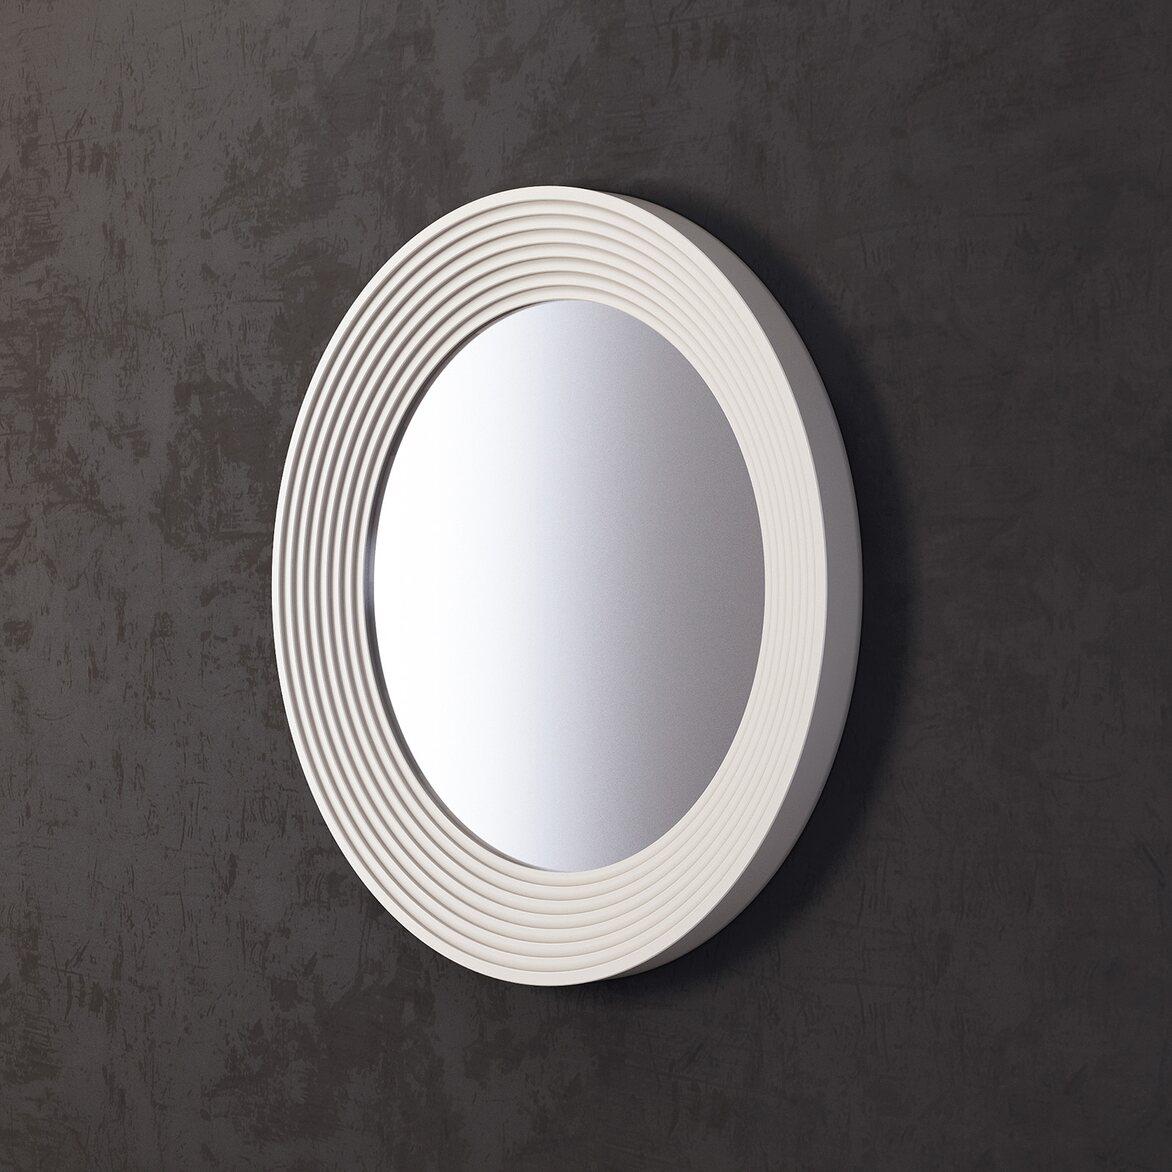 Зеркало Grace 2 | Настенные зеркала Kingsby